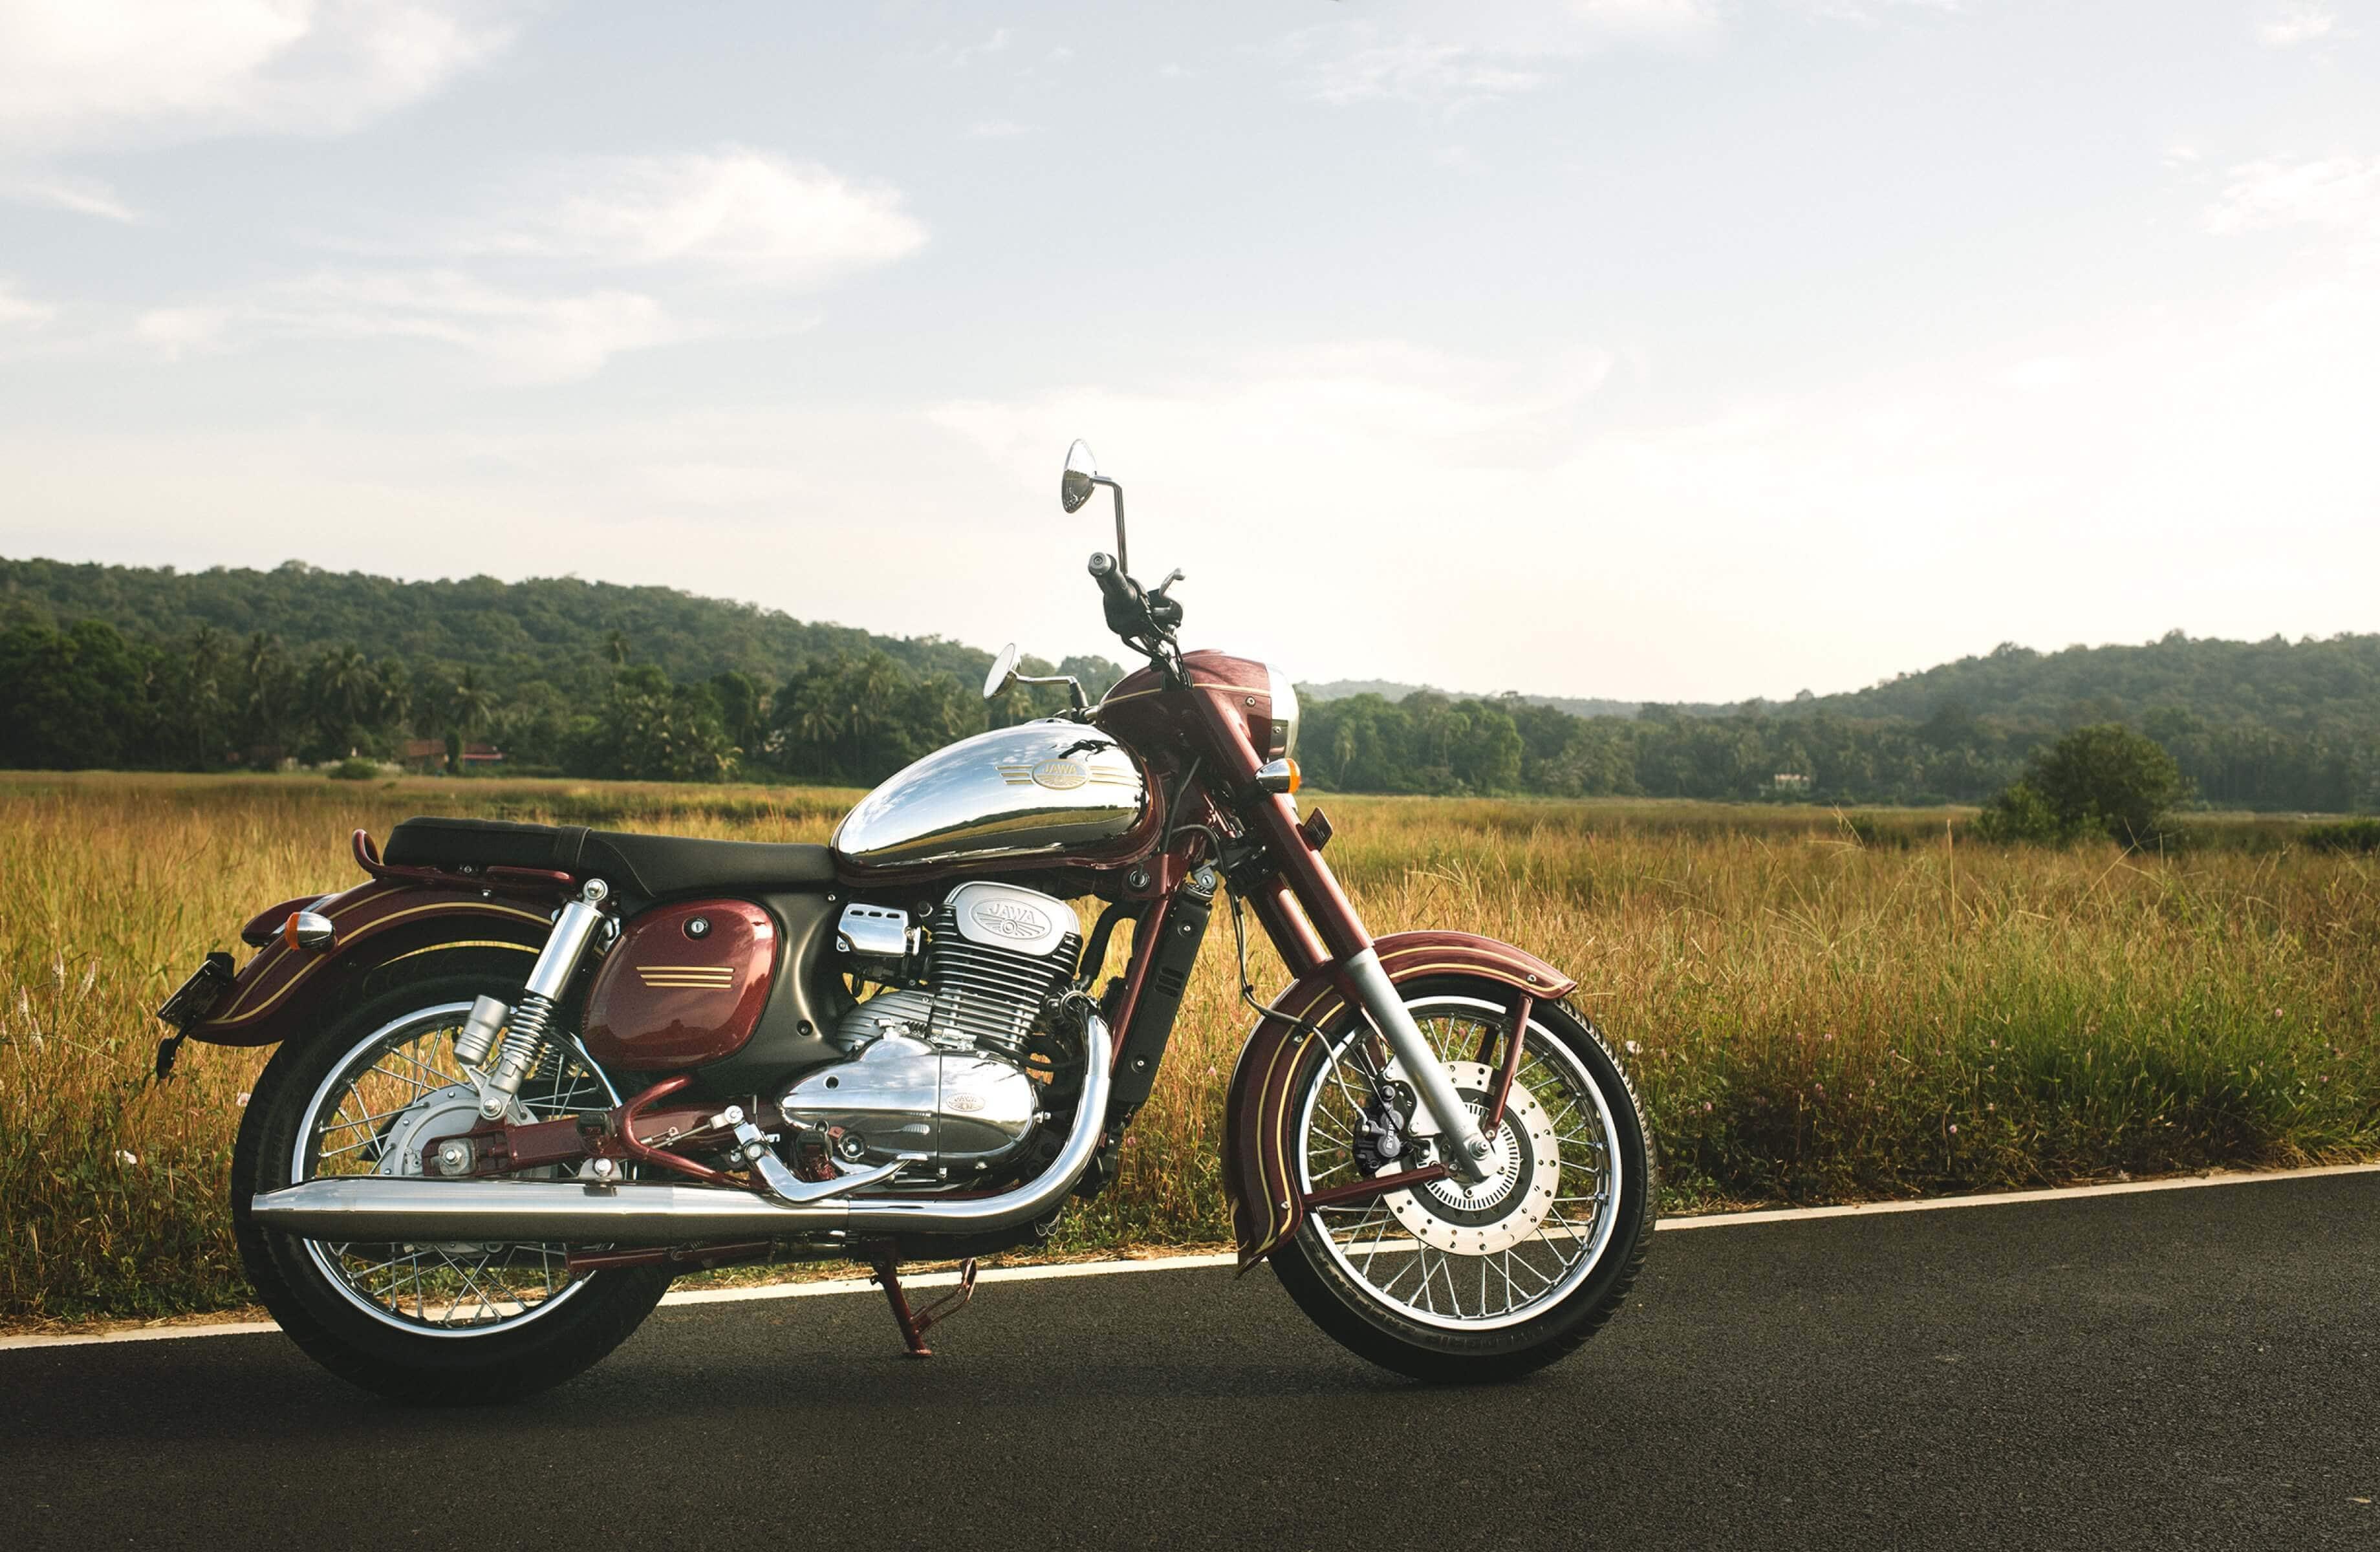 Jawa Motorcycle: Tyre